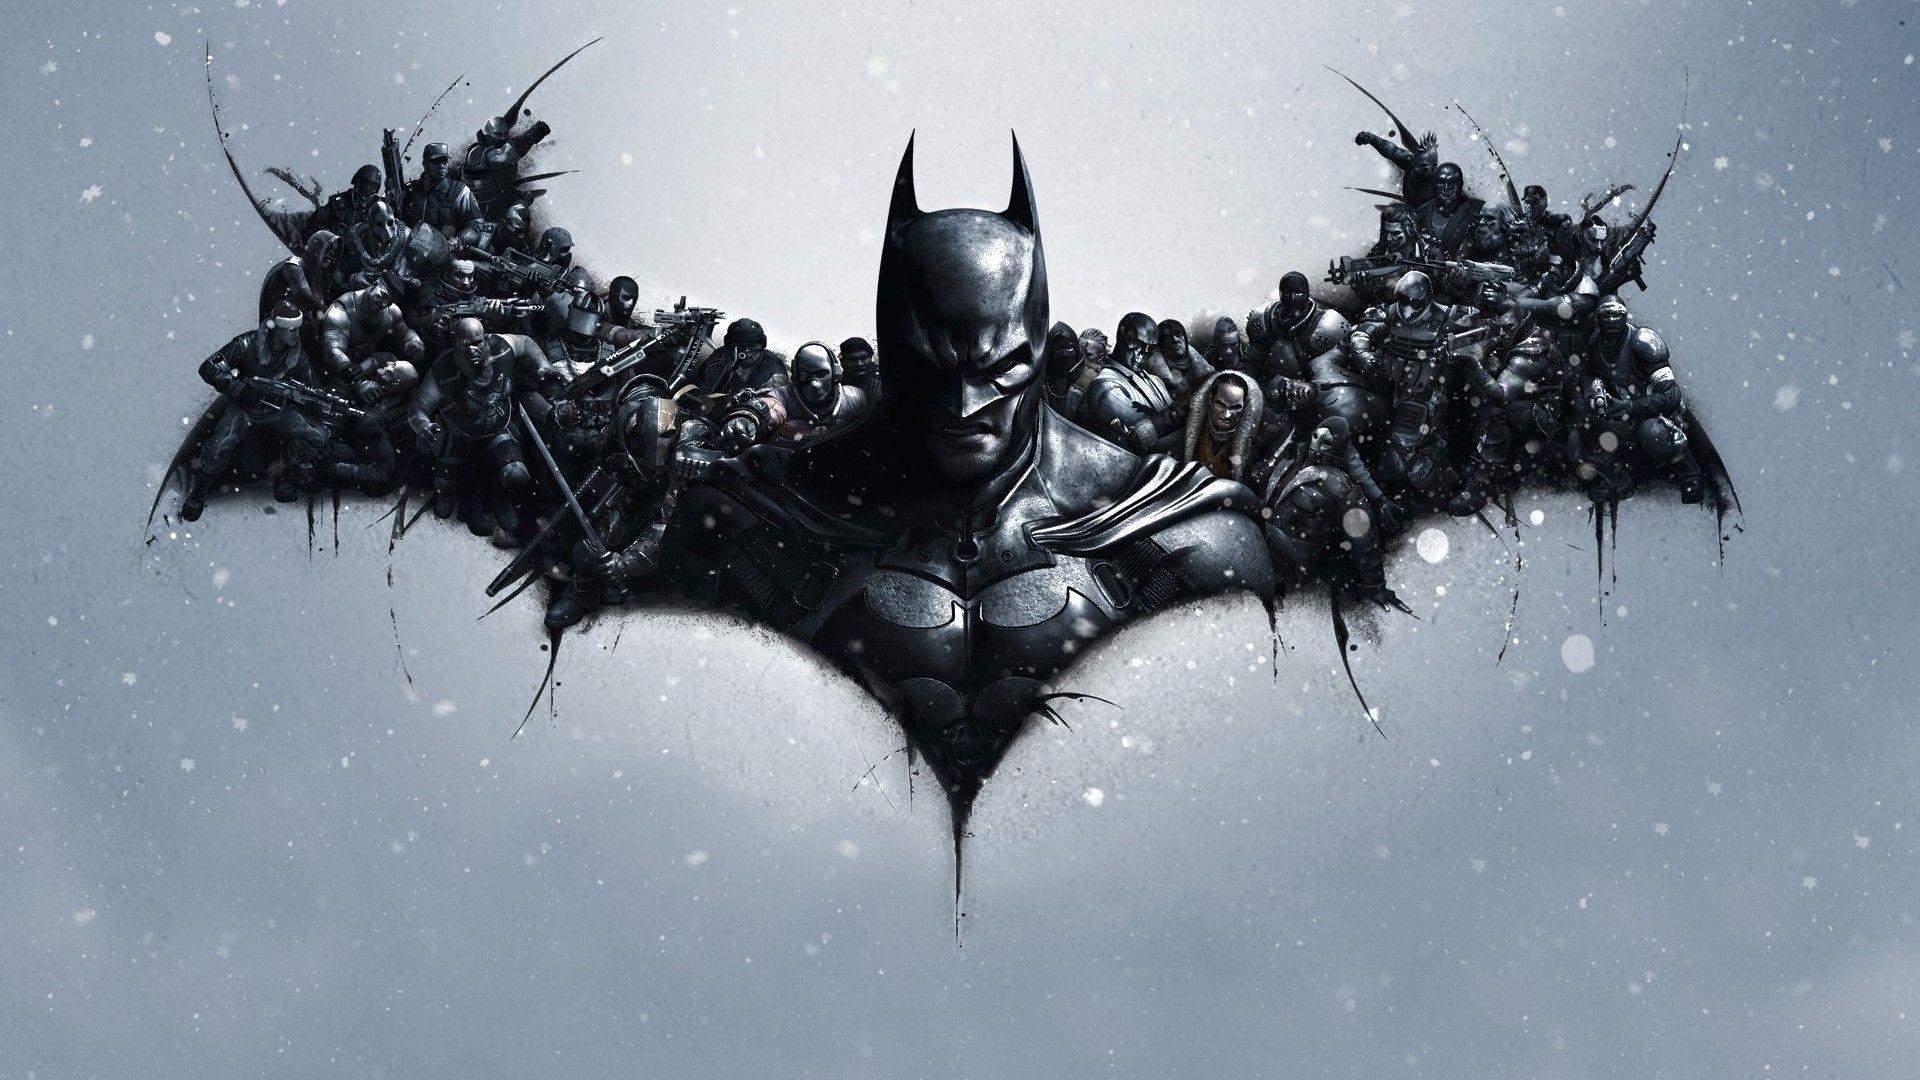 bat cave decal wallpaper - photo #43